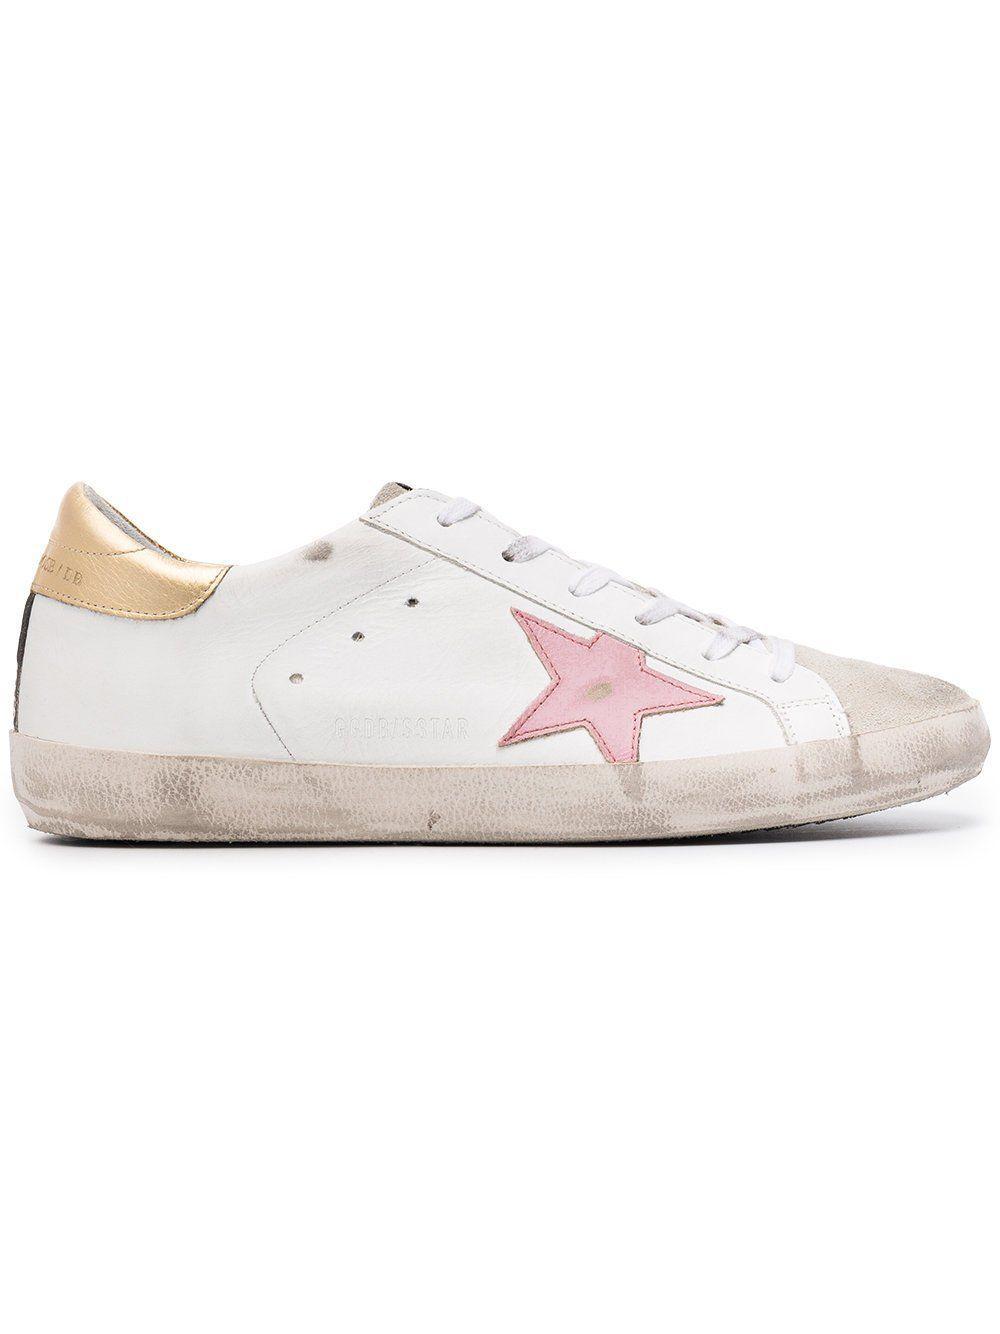 GGDB Pink \u0026 White Superstars | Golden